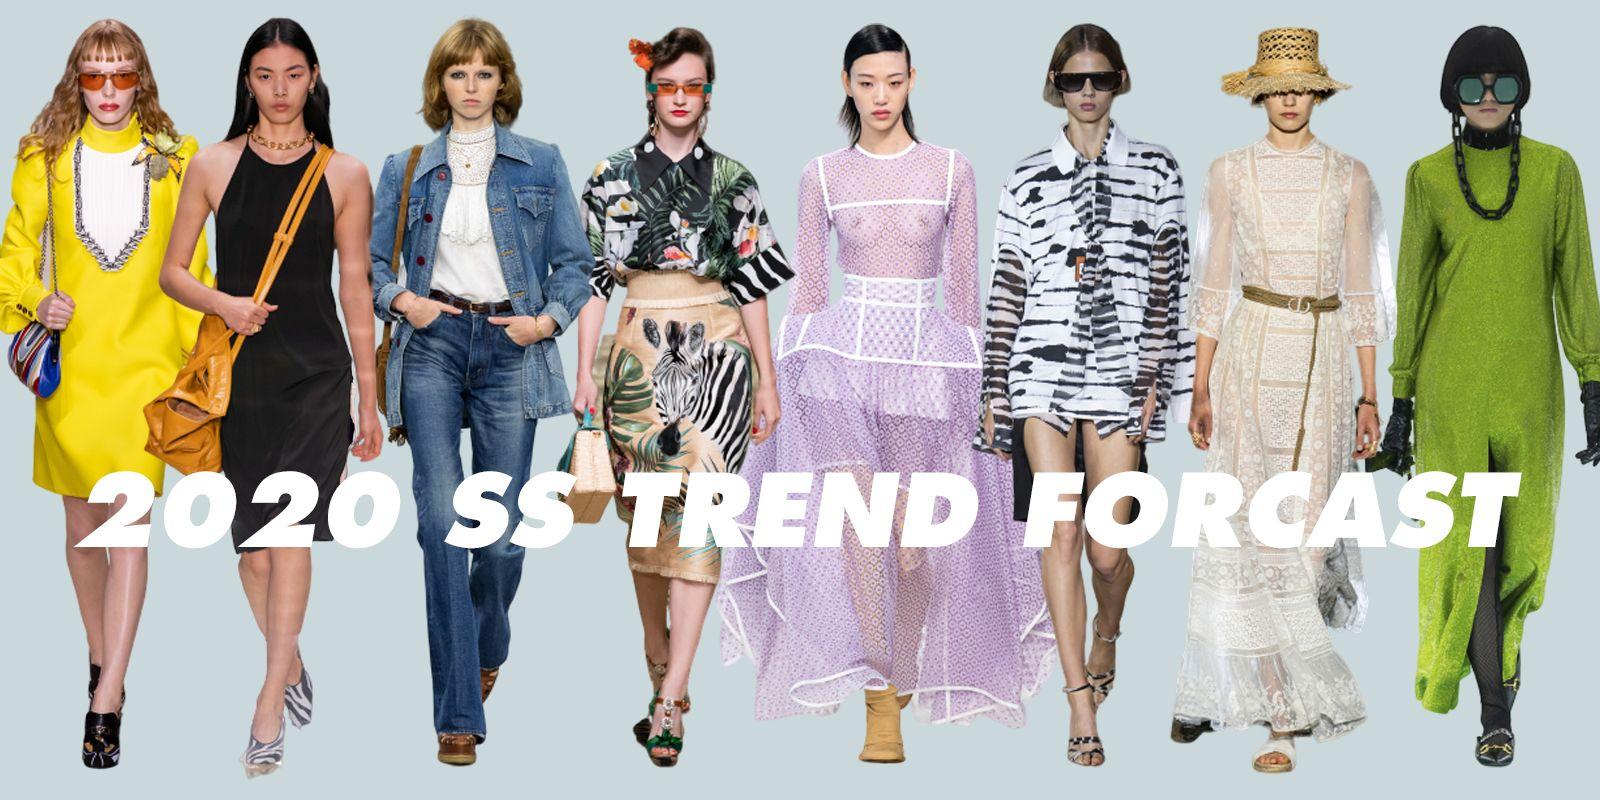 2020春夏トレンド】エディターが予測する10のファッションキーワード